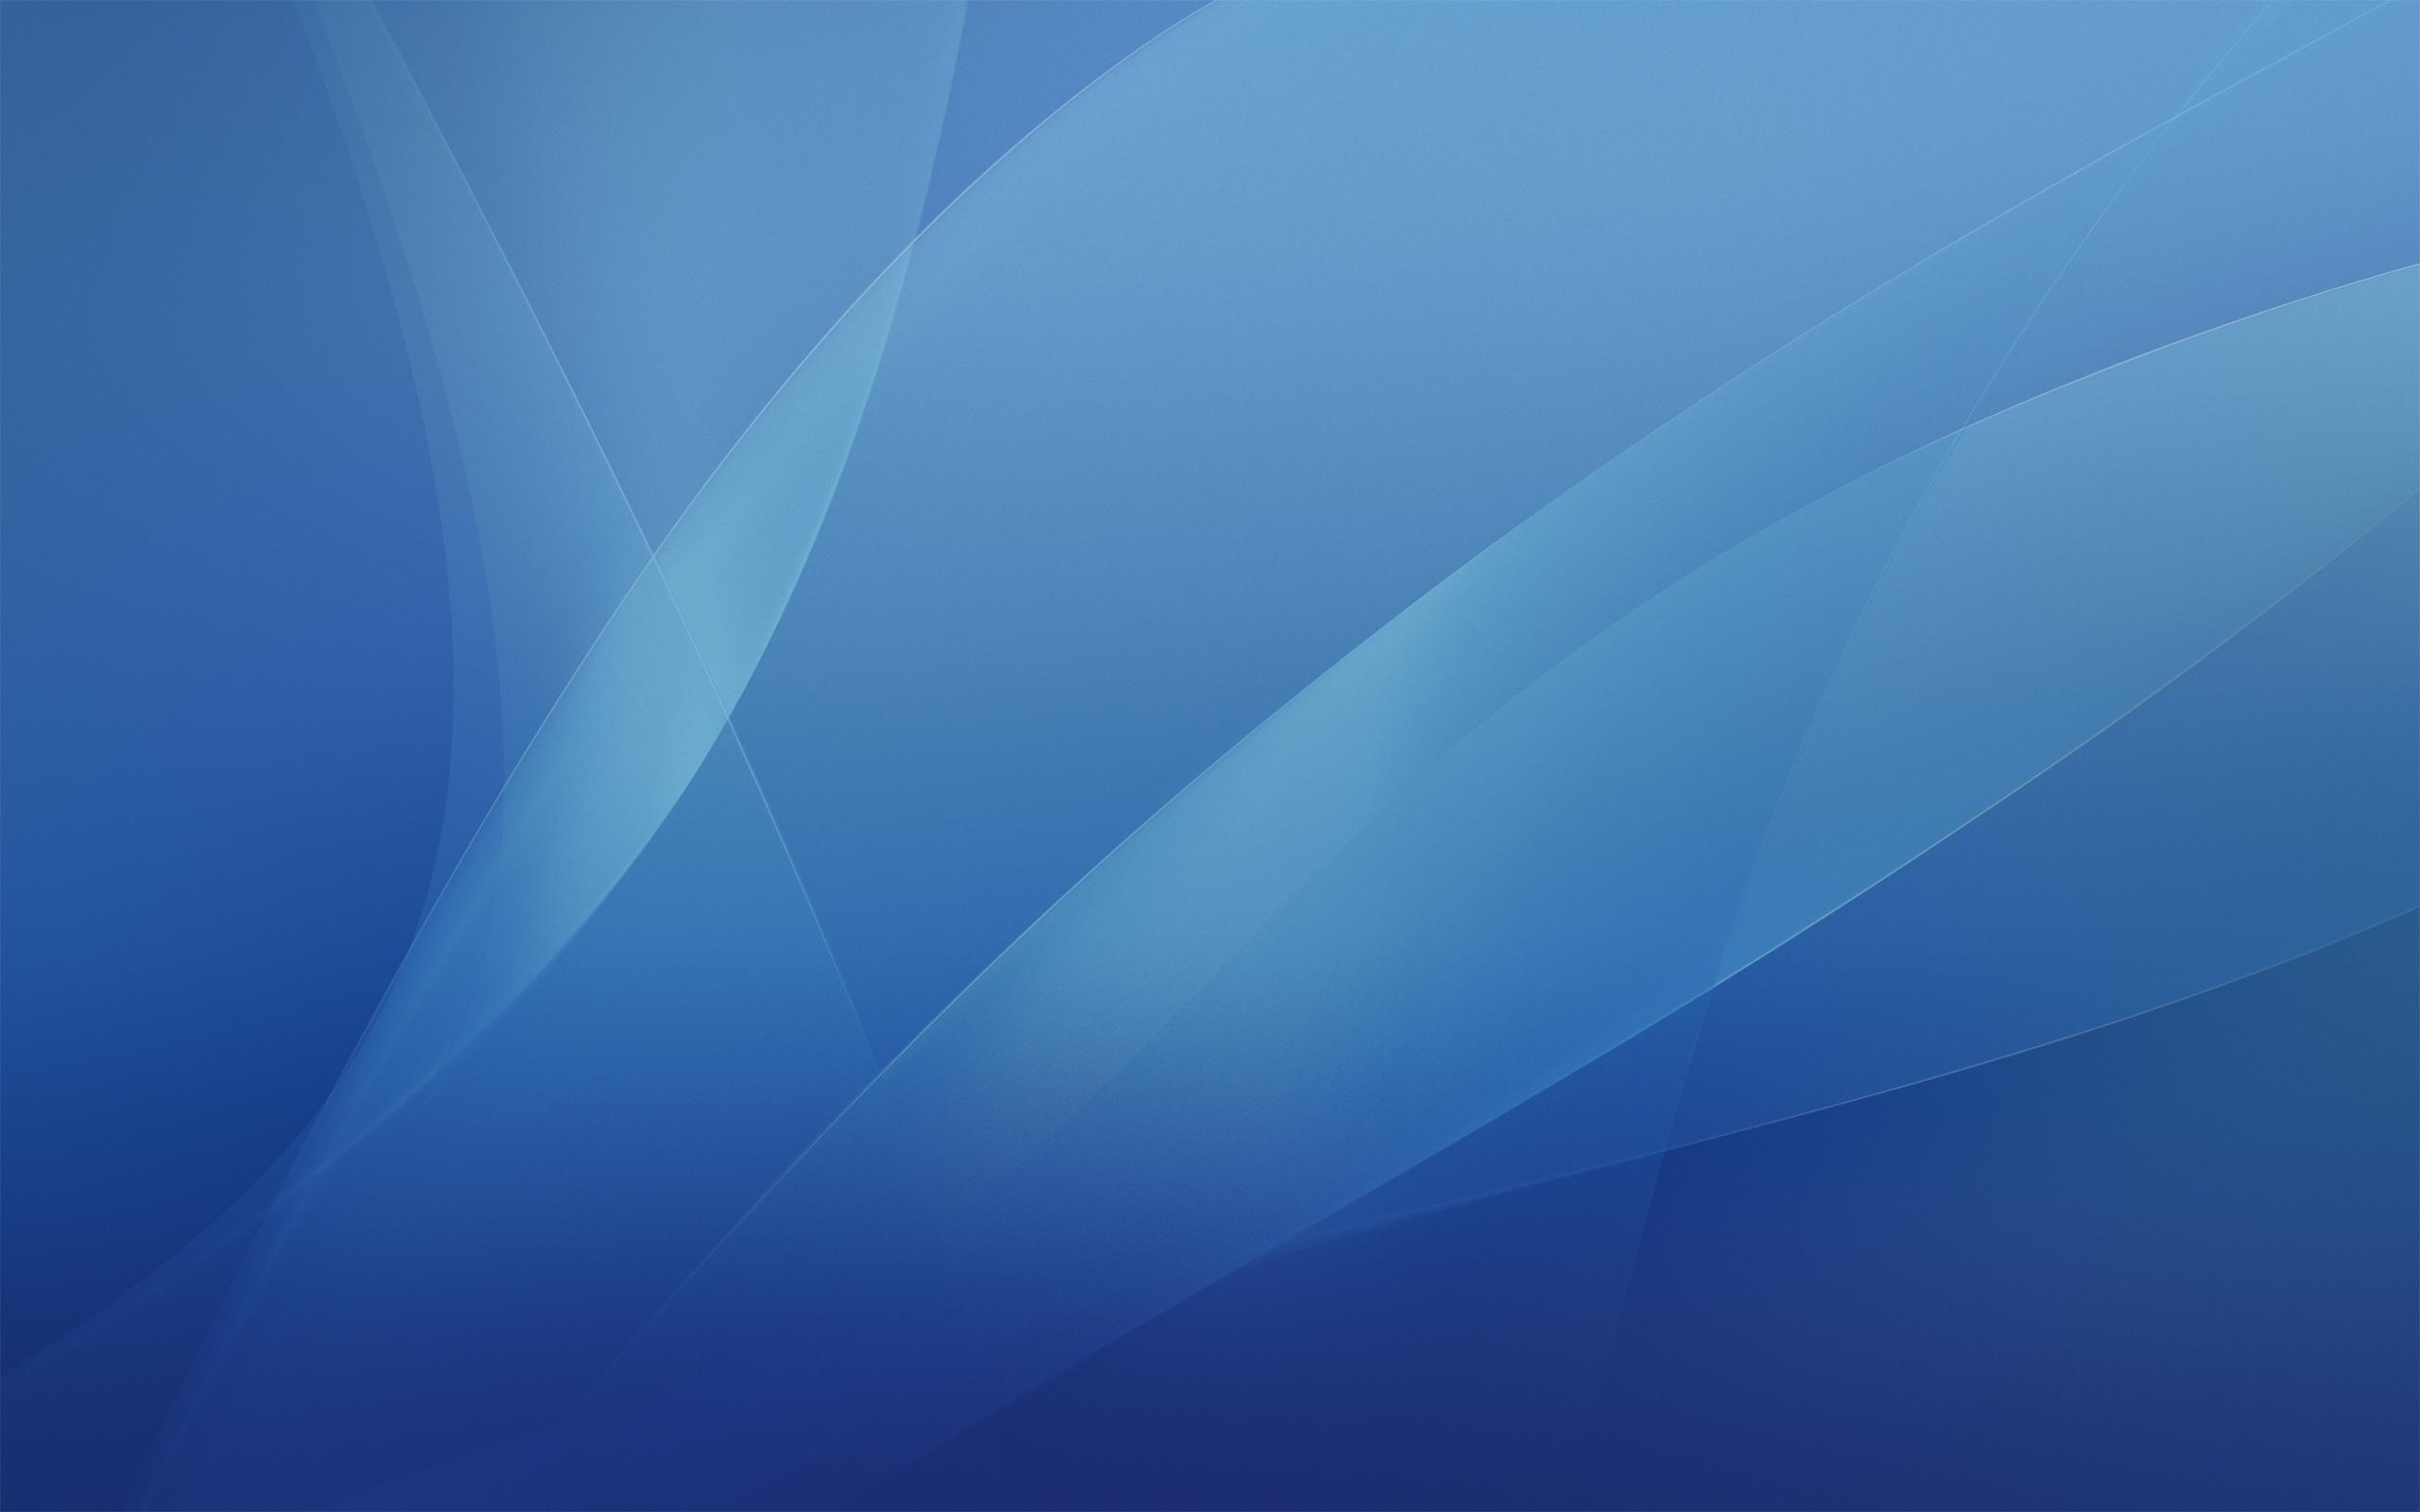 Mac Os Lovely Natural Hd Desktop for Osx Wallpaper 2560x1600px